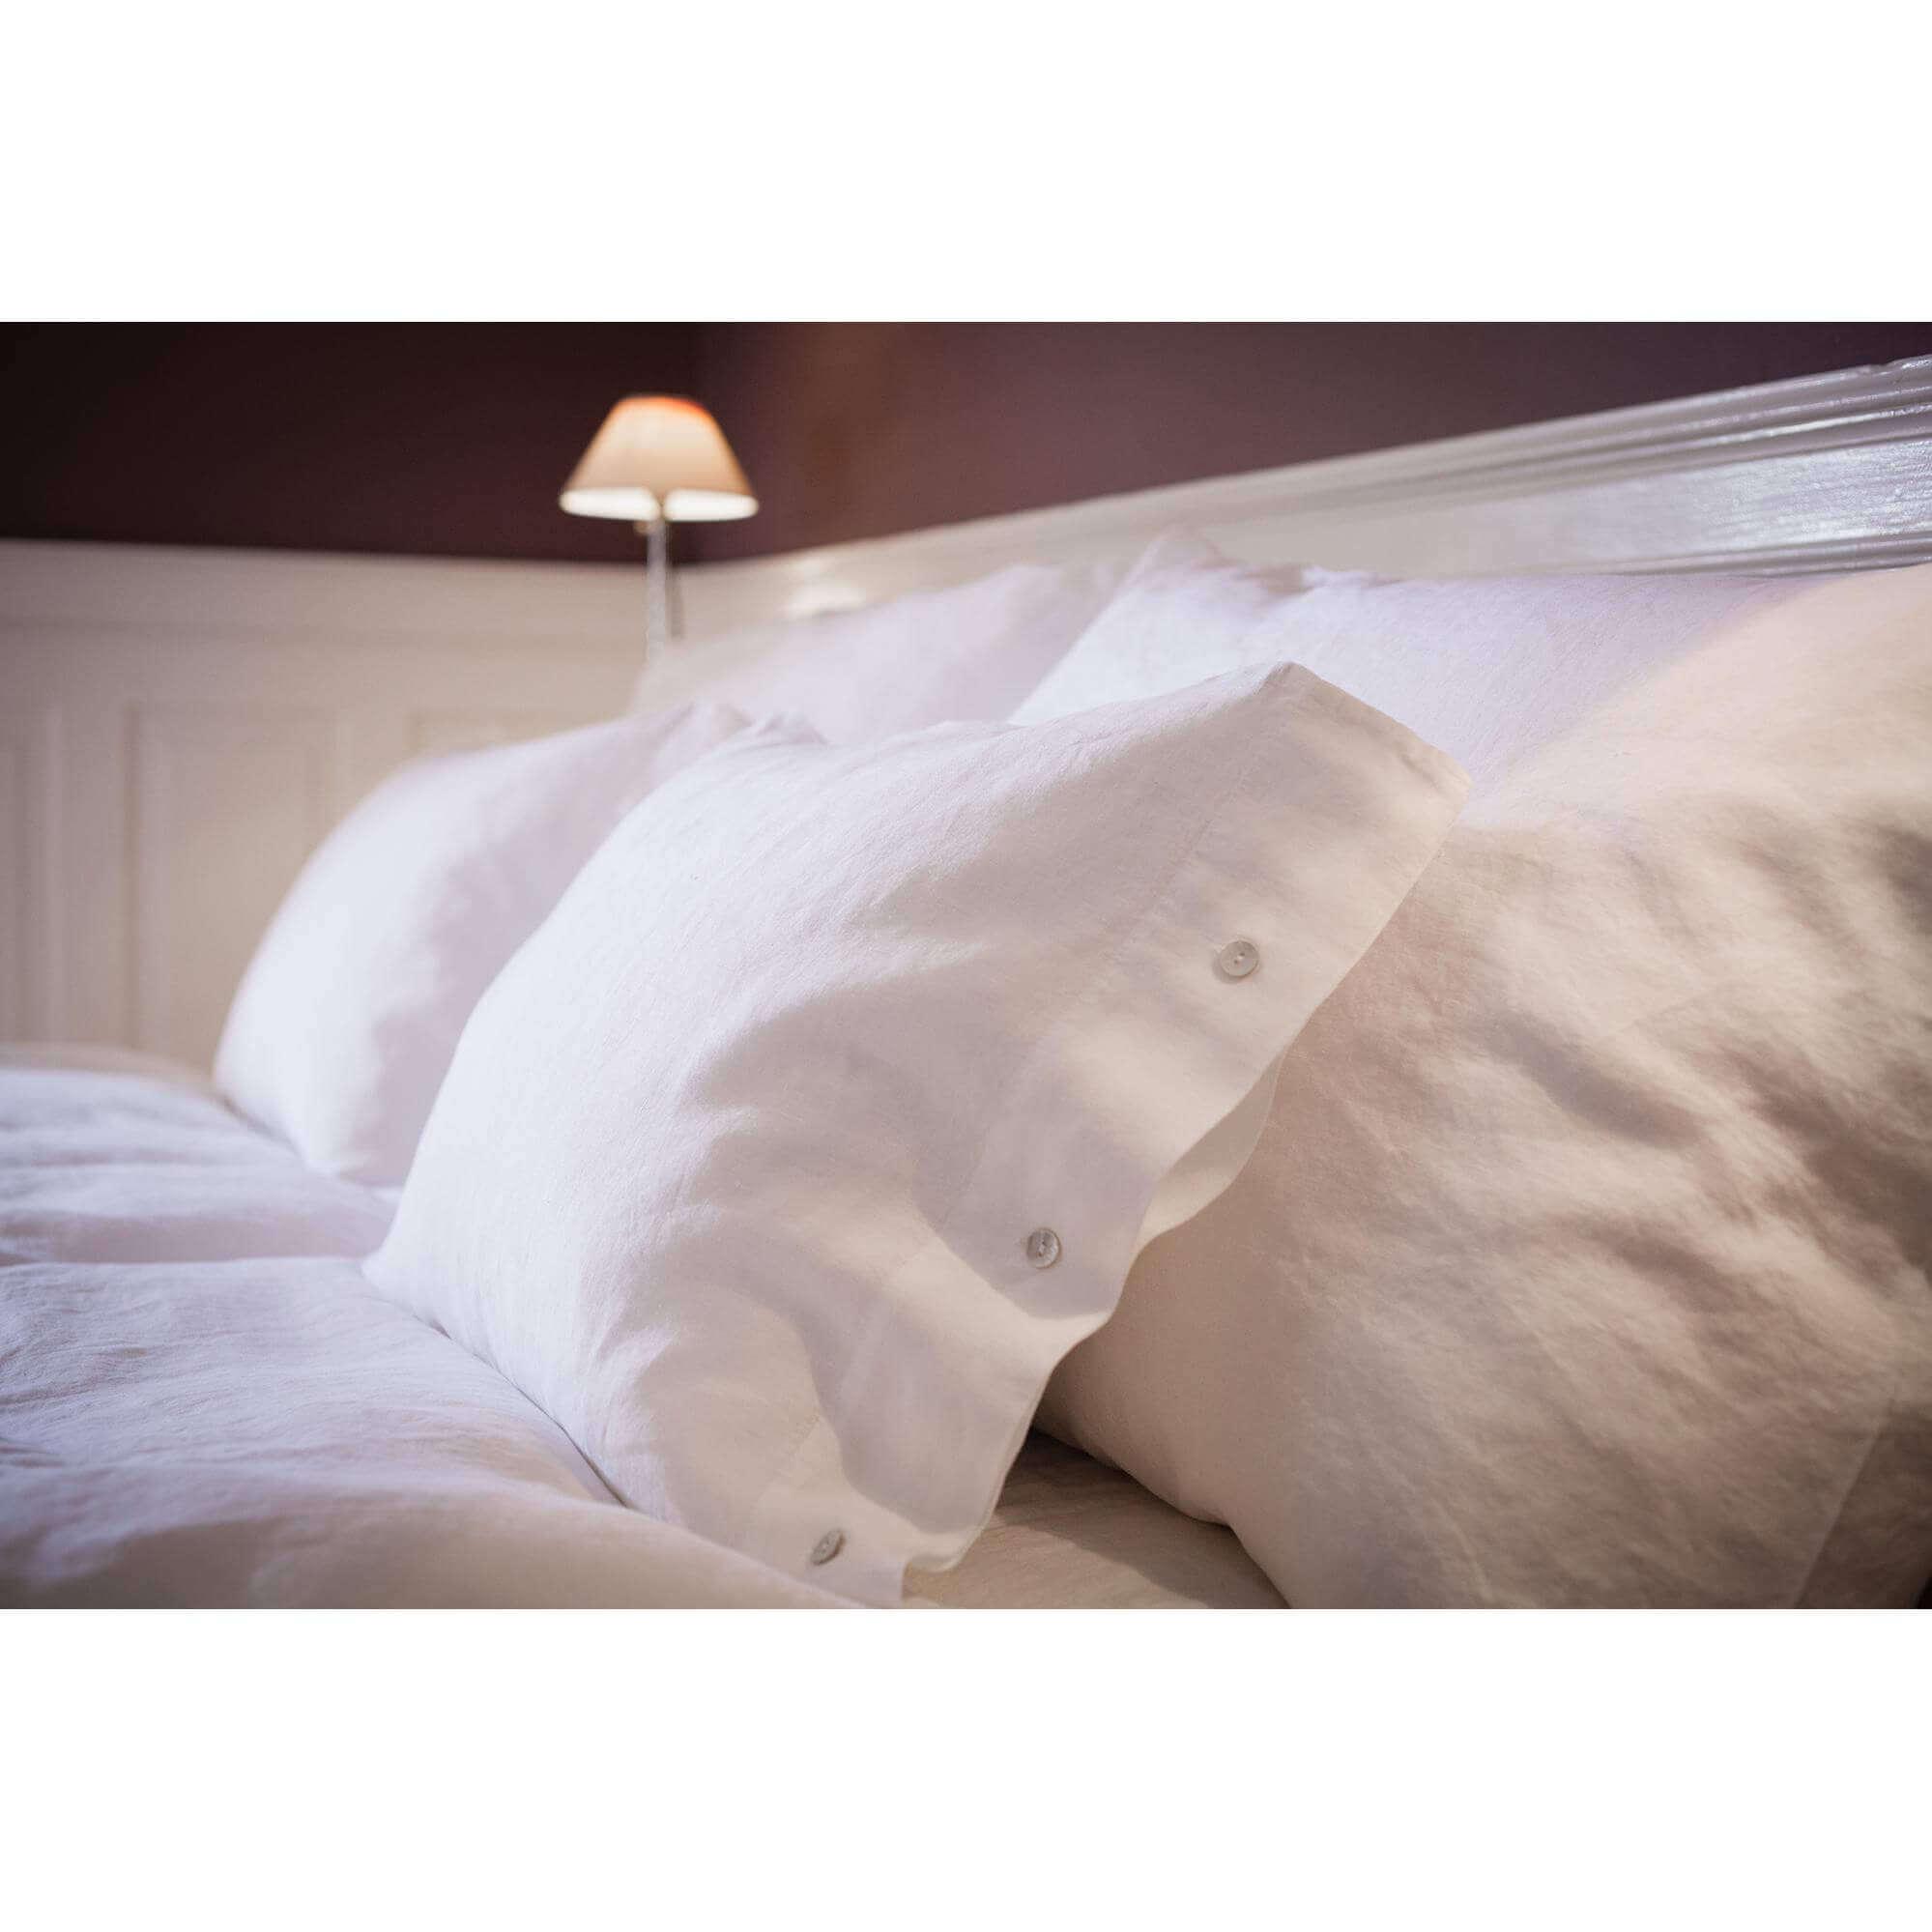 Bettwäsche Leinen Stone Washed Weiss Erwachsene Bettwäsche